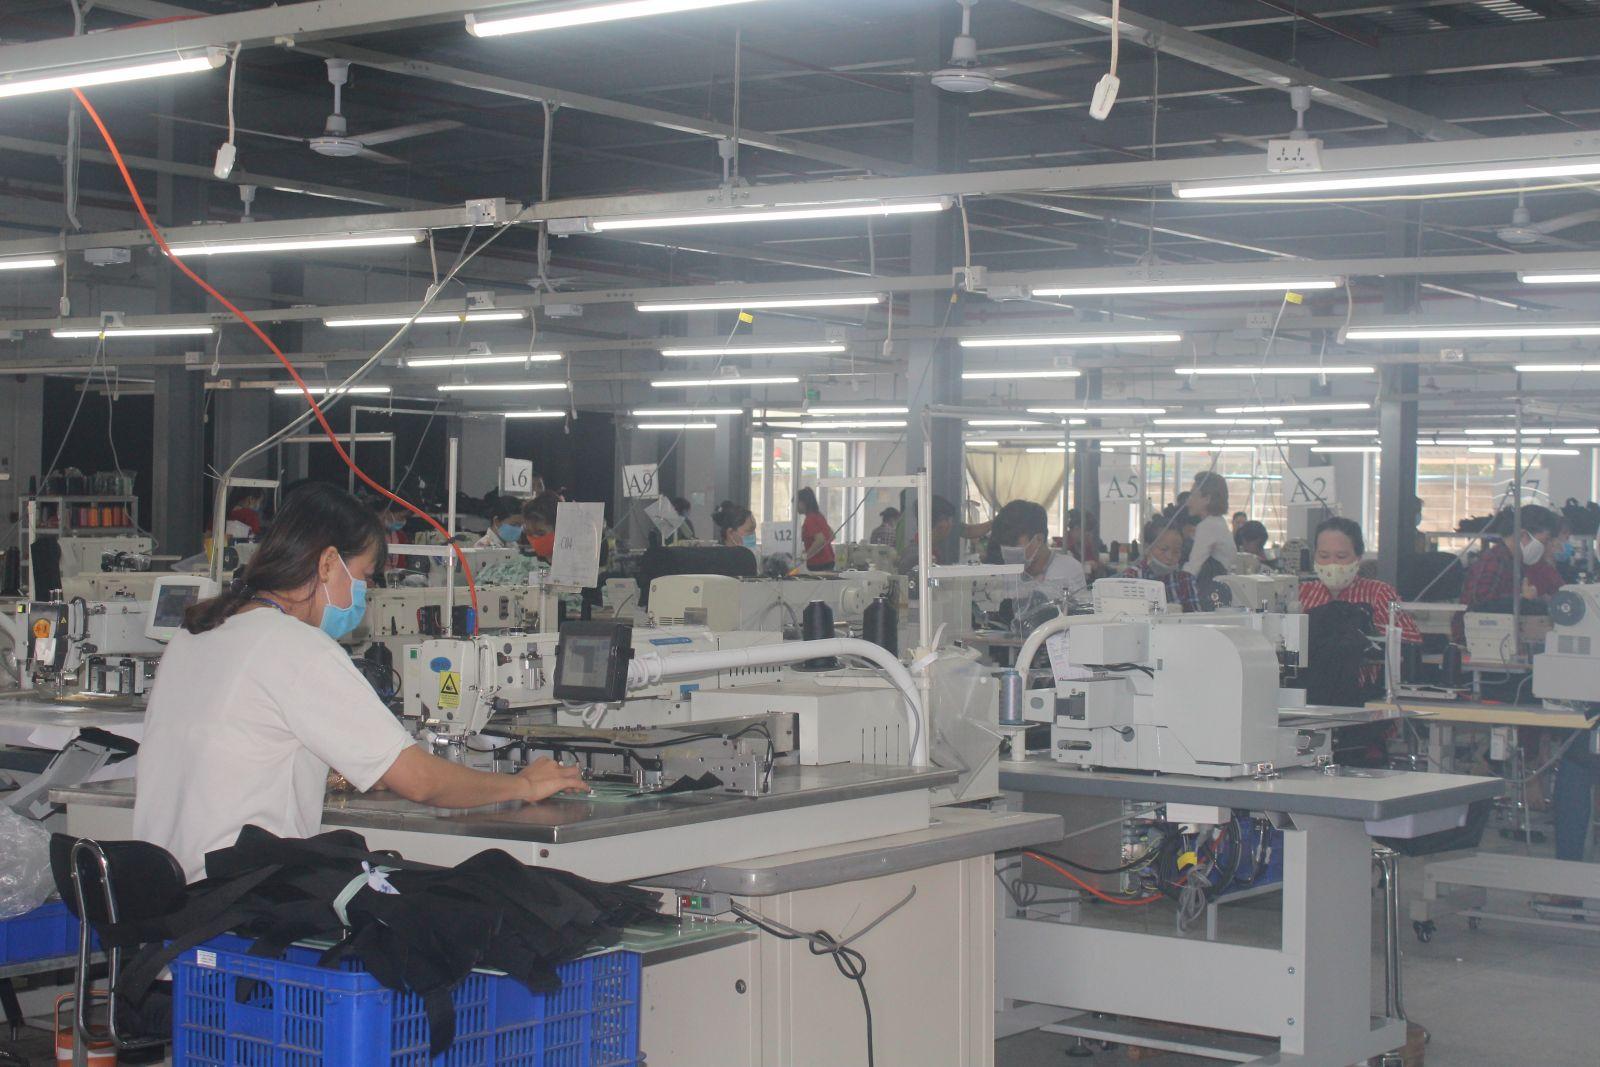 Thời gian tới, các cơ sở giáo dục nghề nghiệp sẽ phối hợp tốt  doanh nghiệp để cải thiện chỉ số về đào tạo lao động